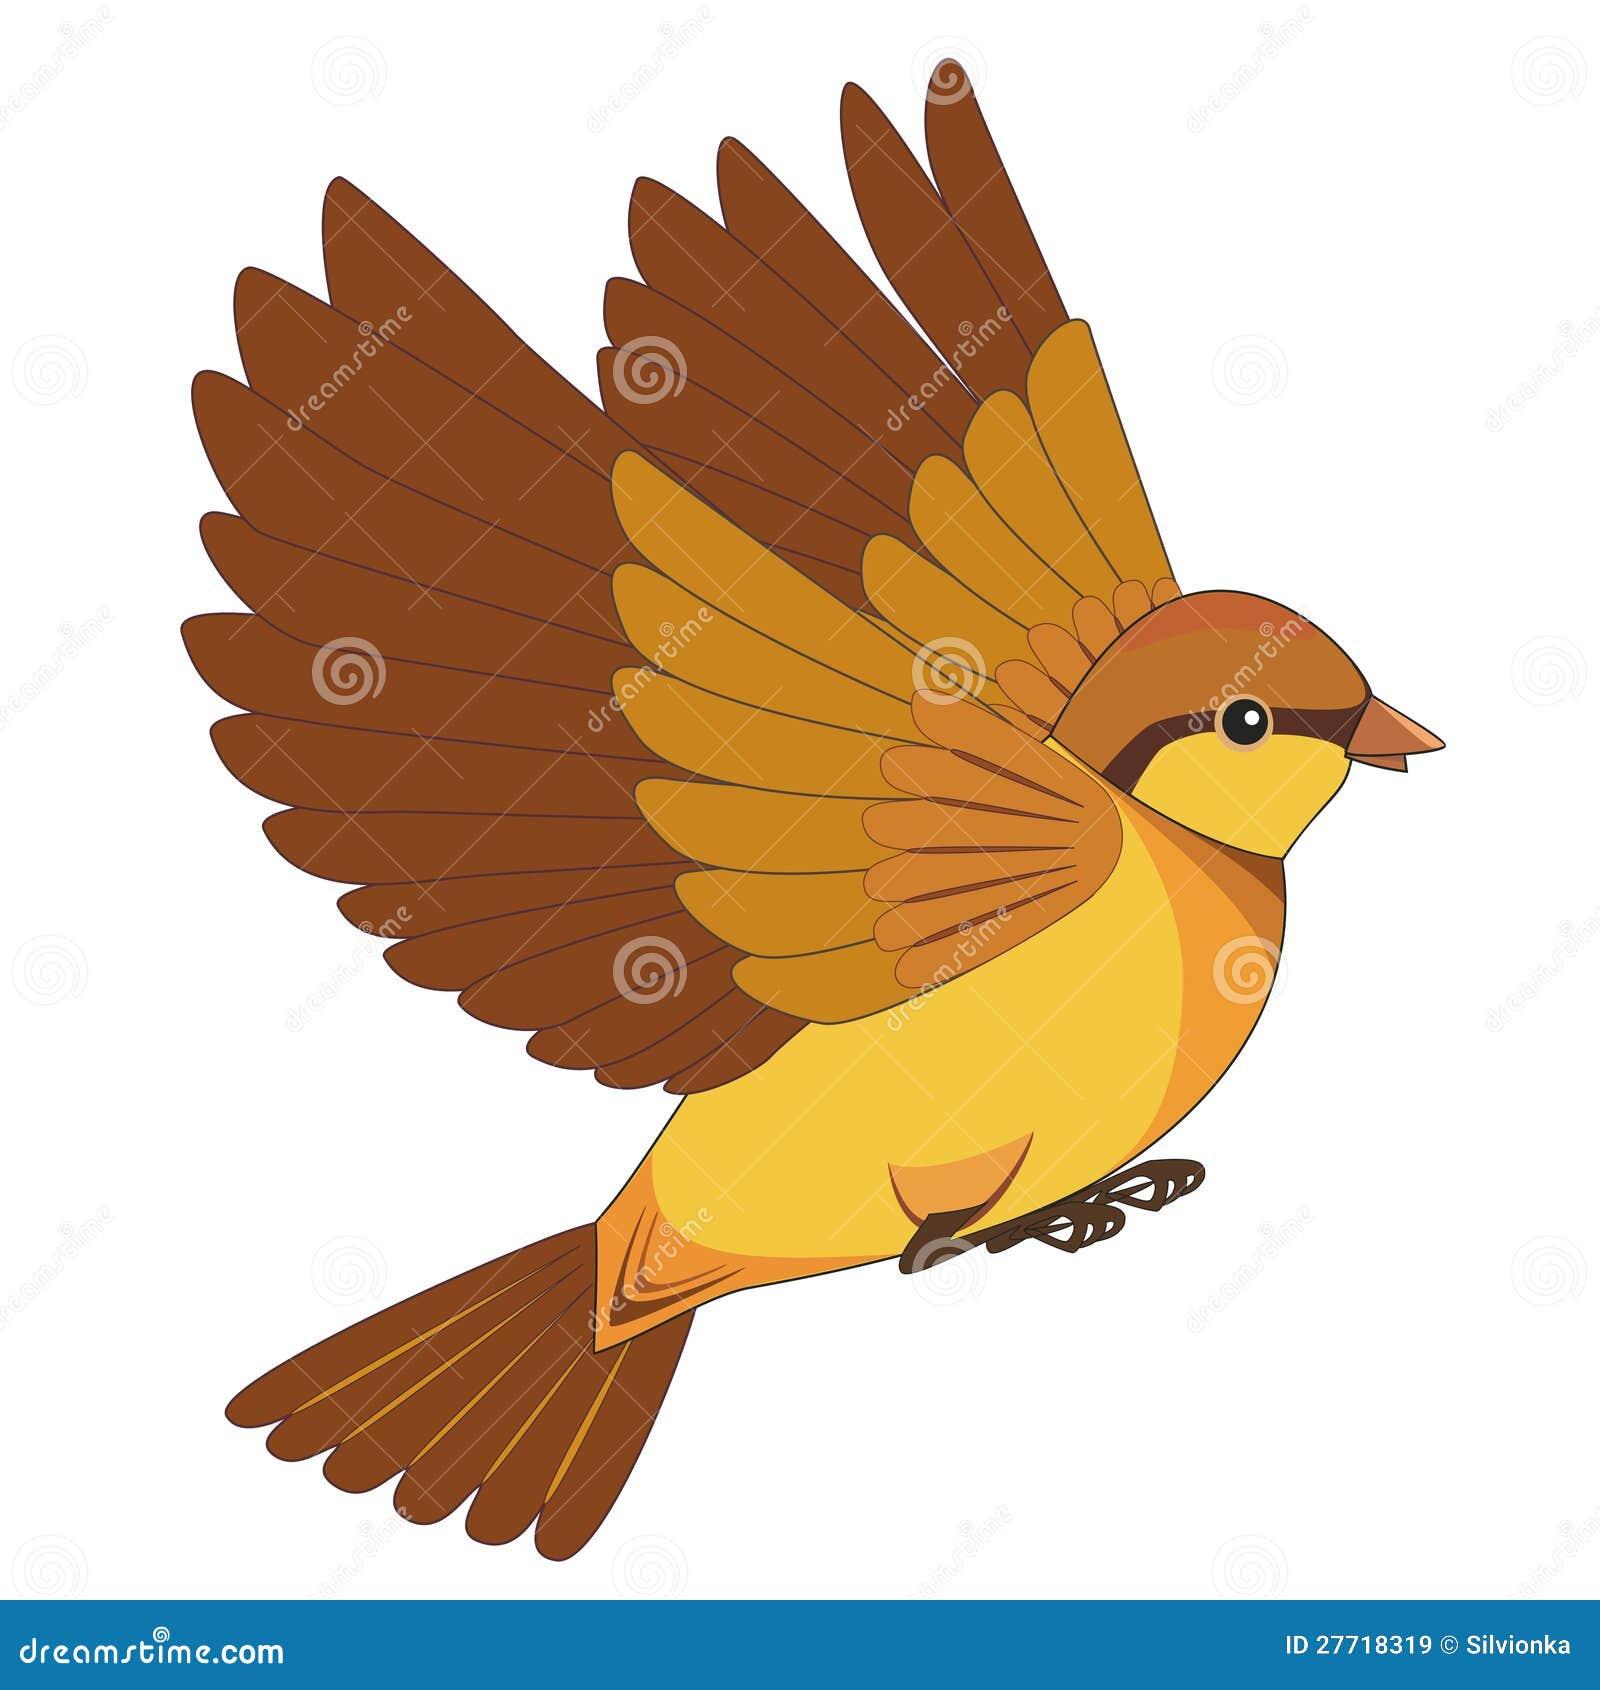 Cartoon Flying Bird Stock Illustrations 22 152 Cartoon Flying Bird Stock Illustrations Vectors Clipart Dreamstime